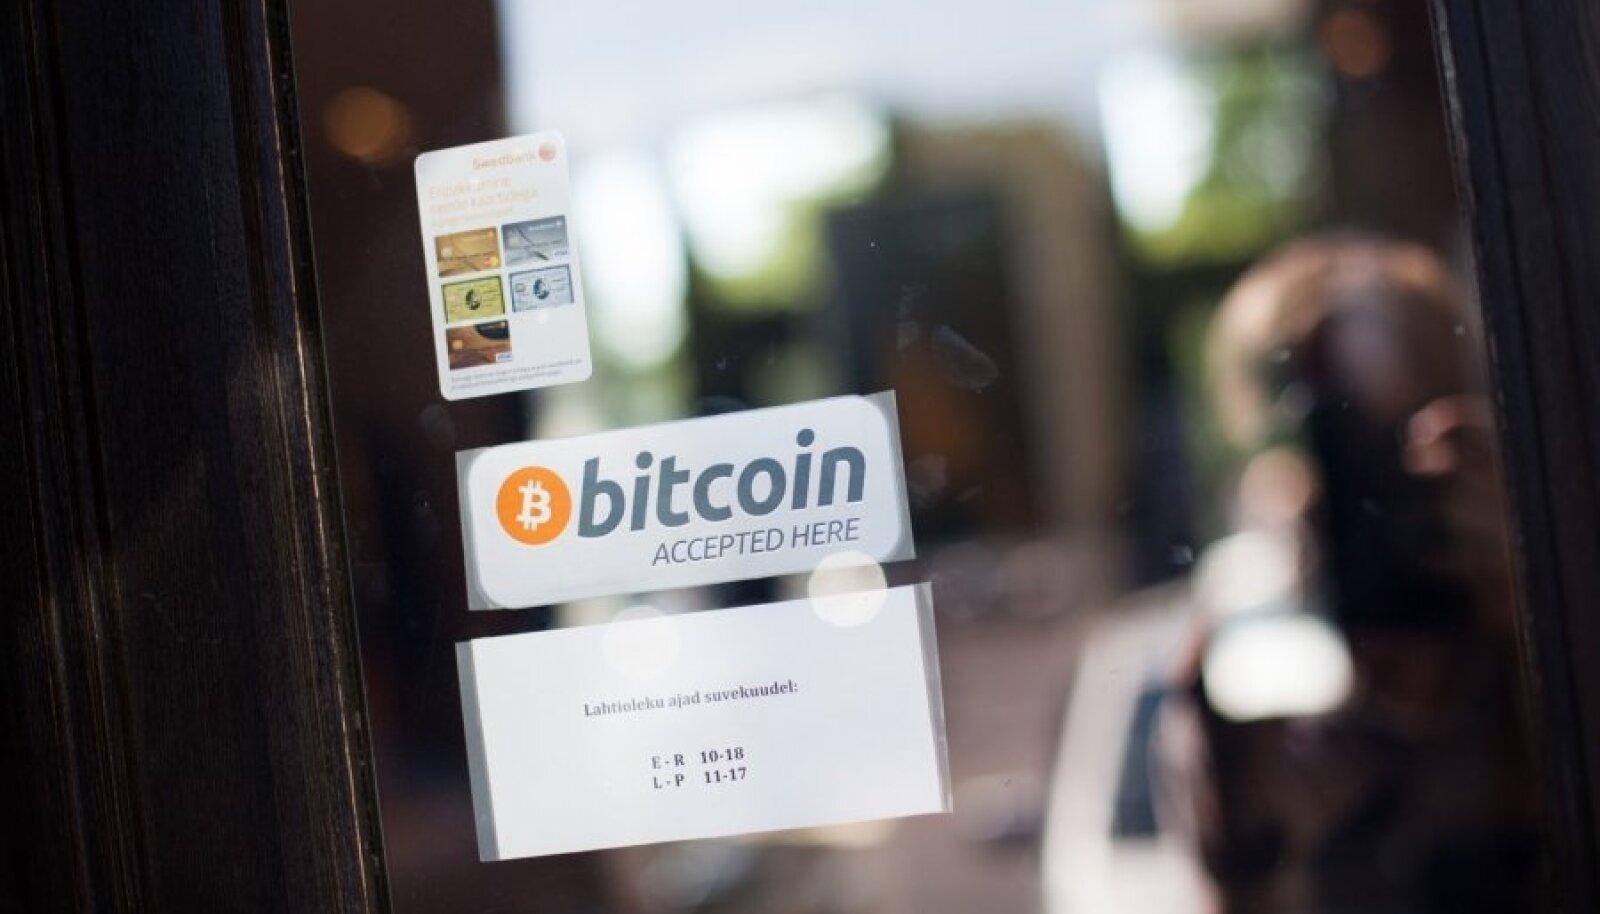 Bitcoiniga saab maksta ka Eestis